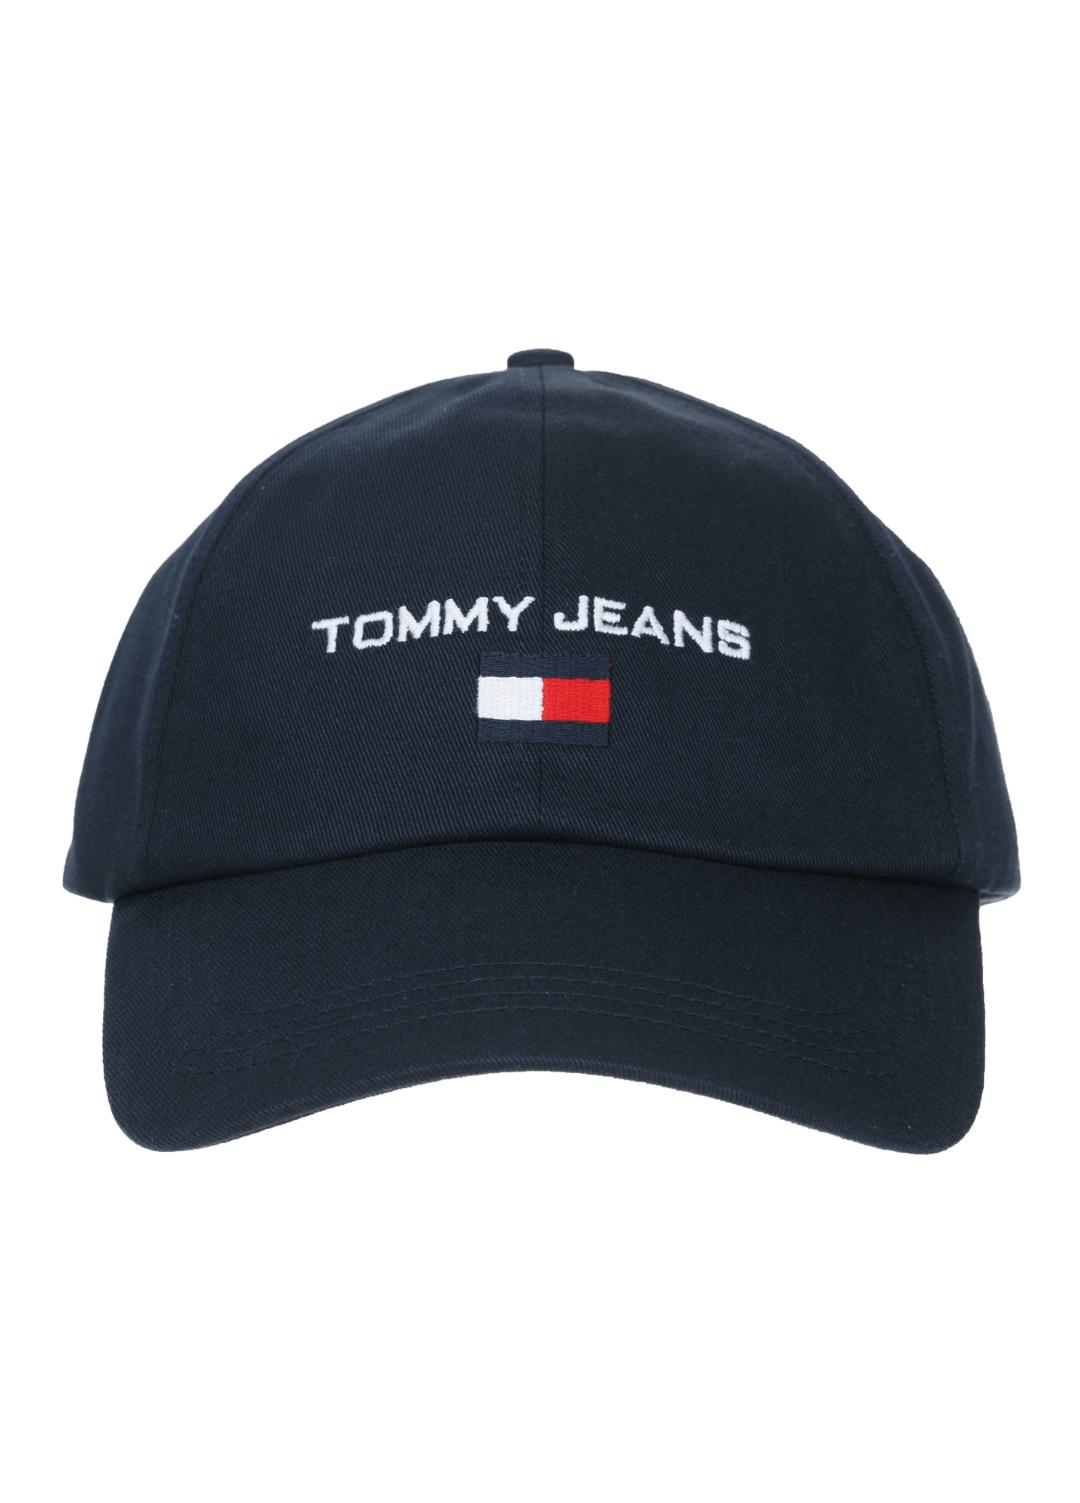 타미 진(TOMMY JEANS) [공용] 면 솔리드 로고 플래그 자수 캡 TJMS3AHE97A0 B50